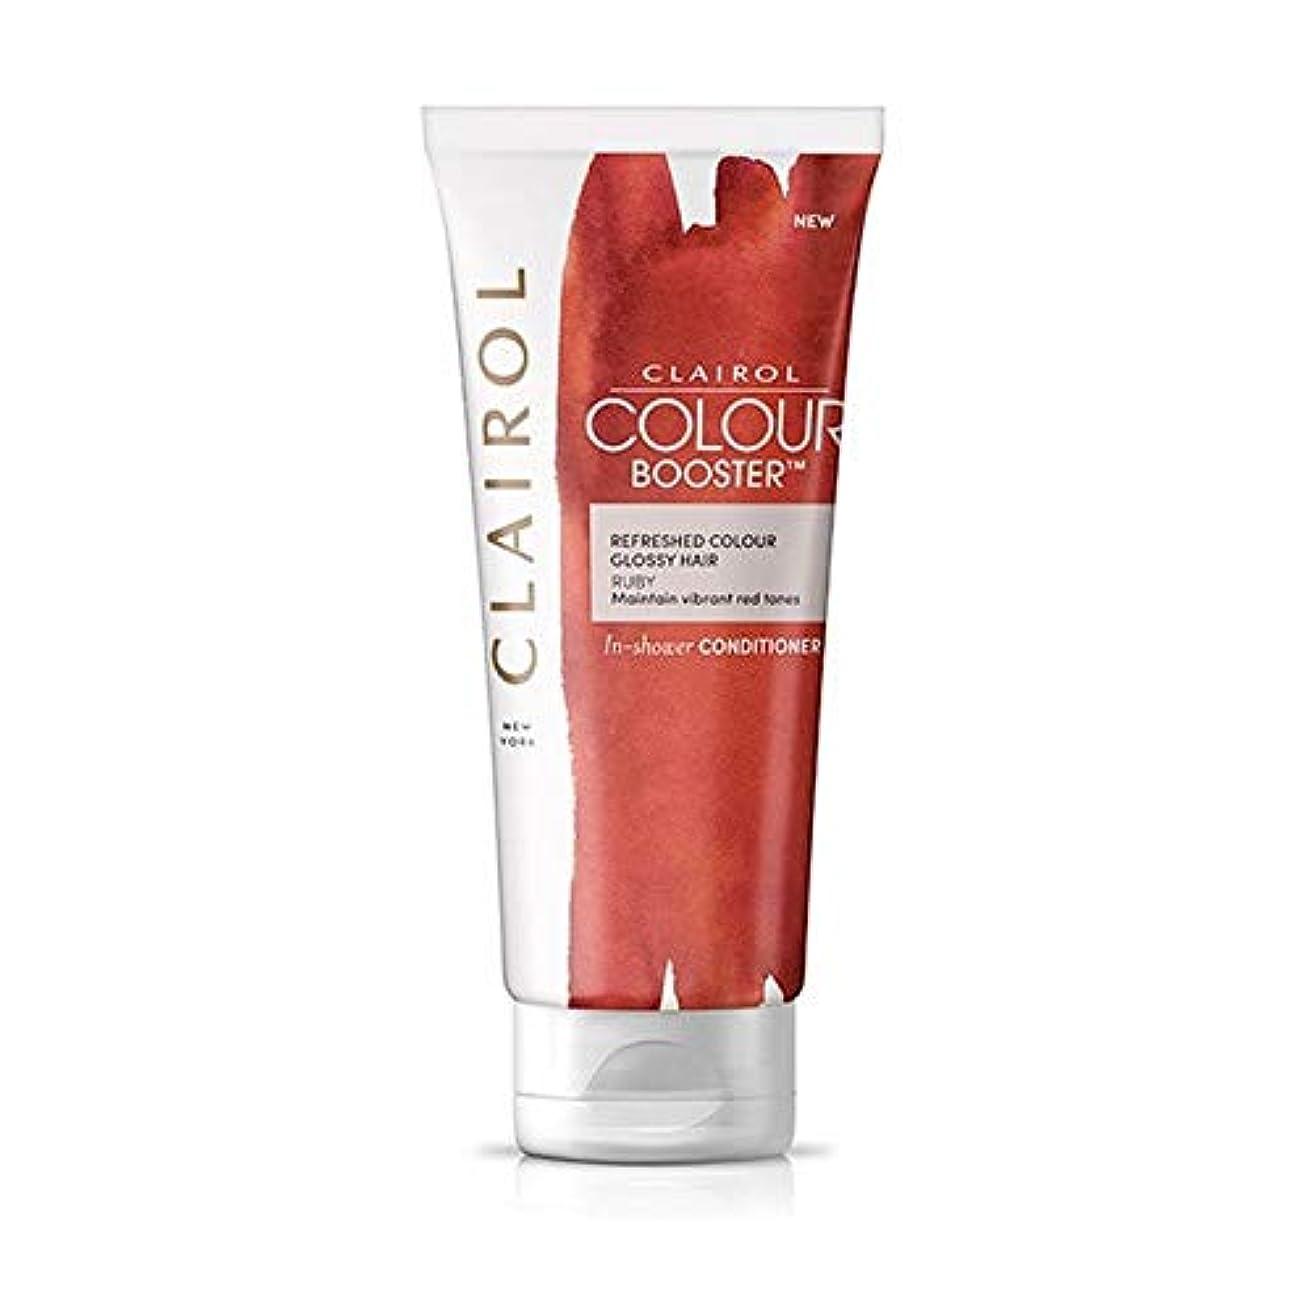 フラッシュのように素早くトリプル注意[Clairol ] クレイロールコンディショナーカラーブースタールビー - Clairol Conditioning Colour Booster Ruby [並行輸入品]